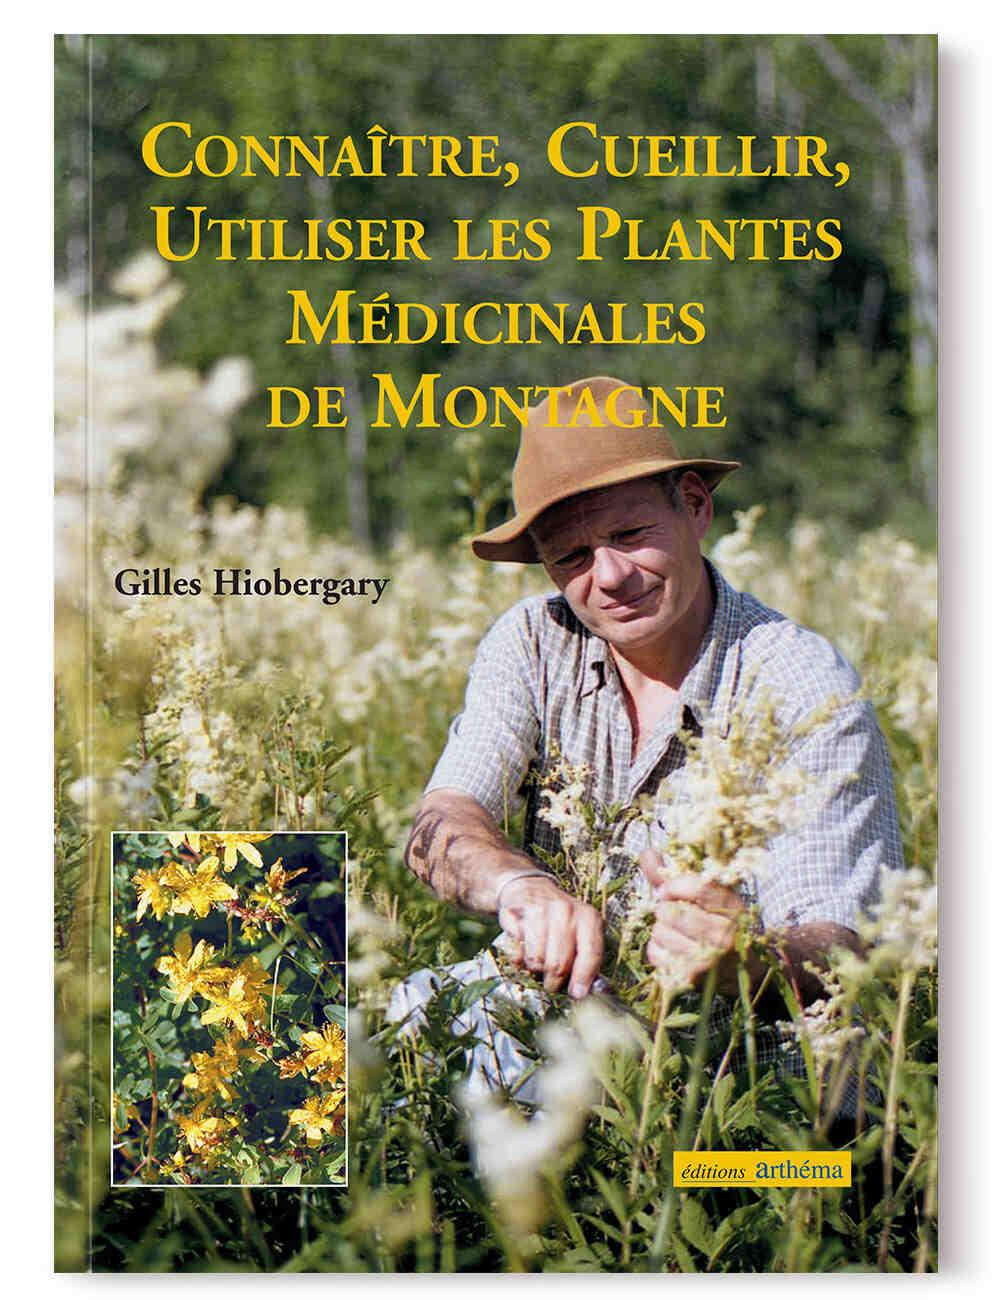 Pourquoi les gens se traitent-ils avec des plantes médicinales?